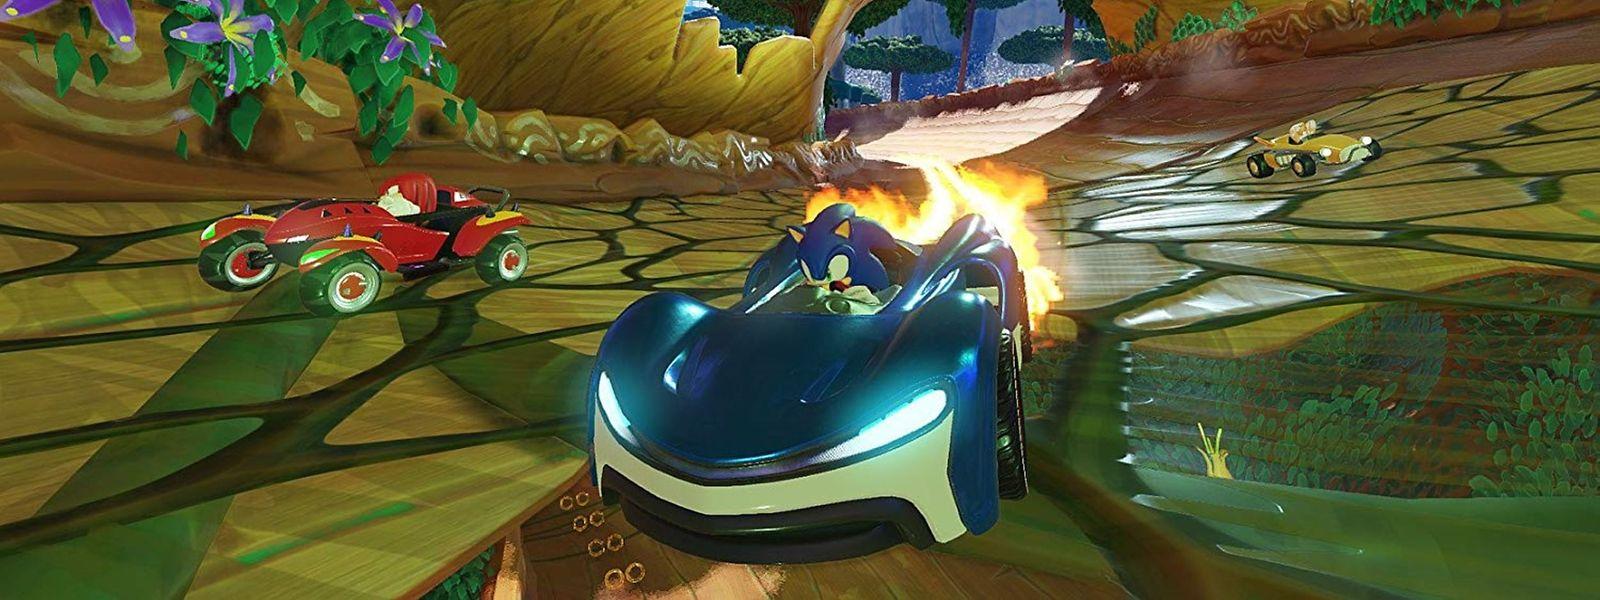 """Bunt, spaßig und abgedreht: Bei """"Team Sonic Racing"""" wird Teamwork ganz groß geschrieben. Das Spiel ist erhältlich für Xbox One, PS4, Switch und PC."""